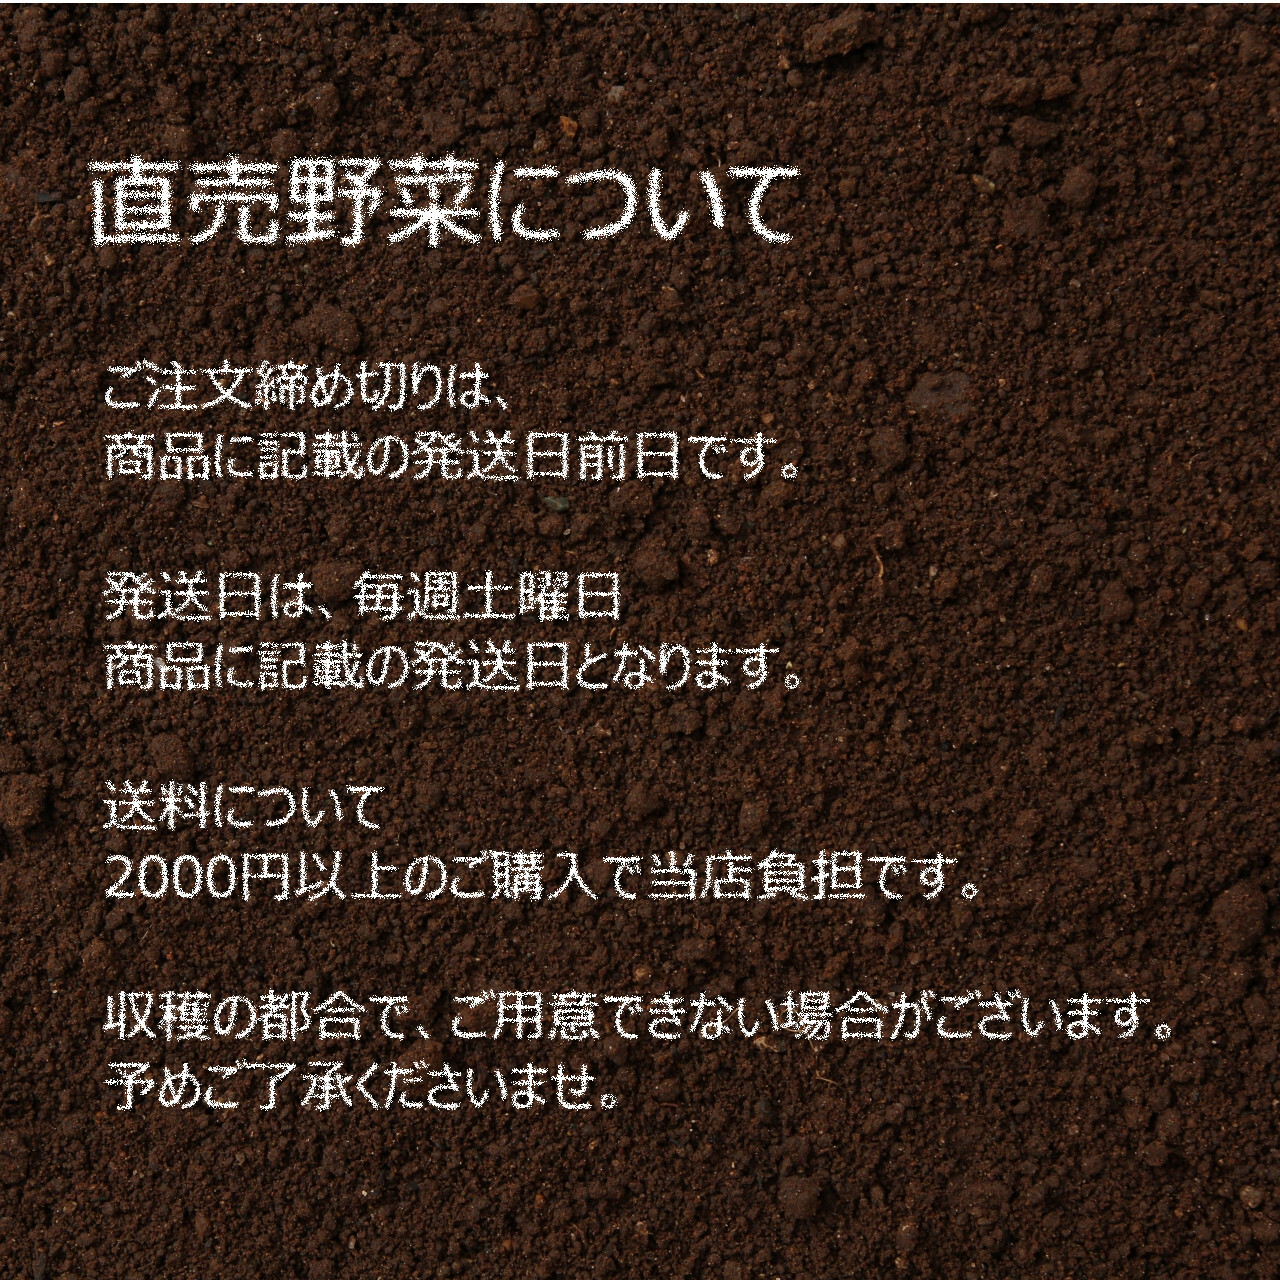 5月の朝採り直売野菜 水菜 約450g 5月4日発送予定